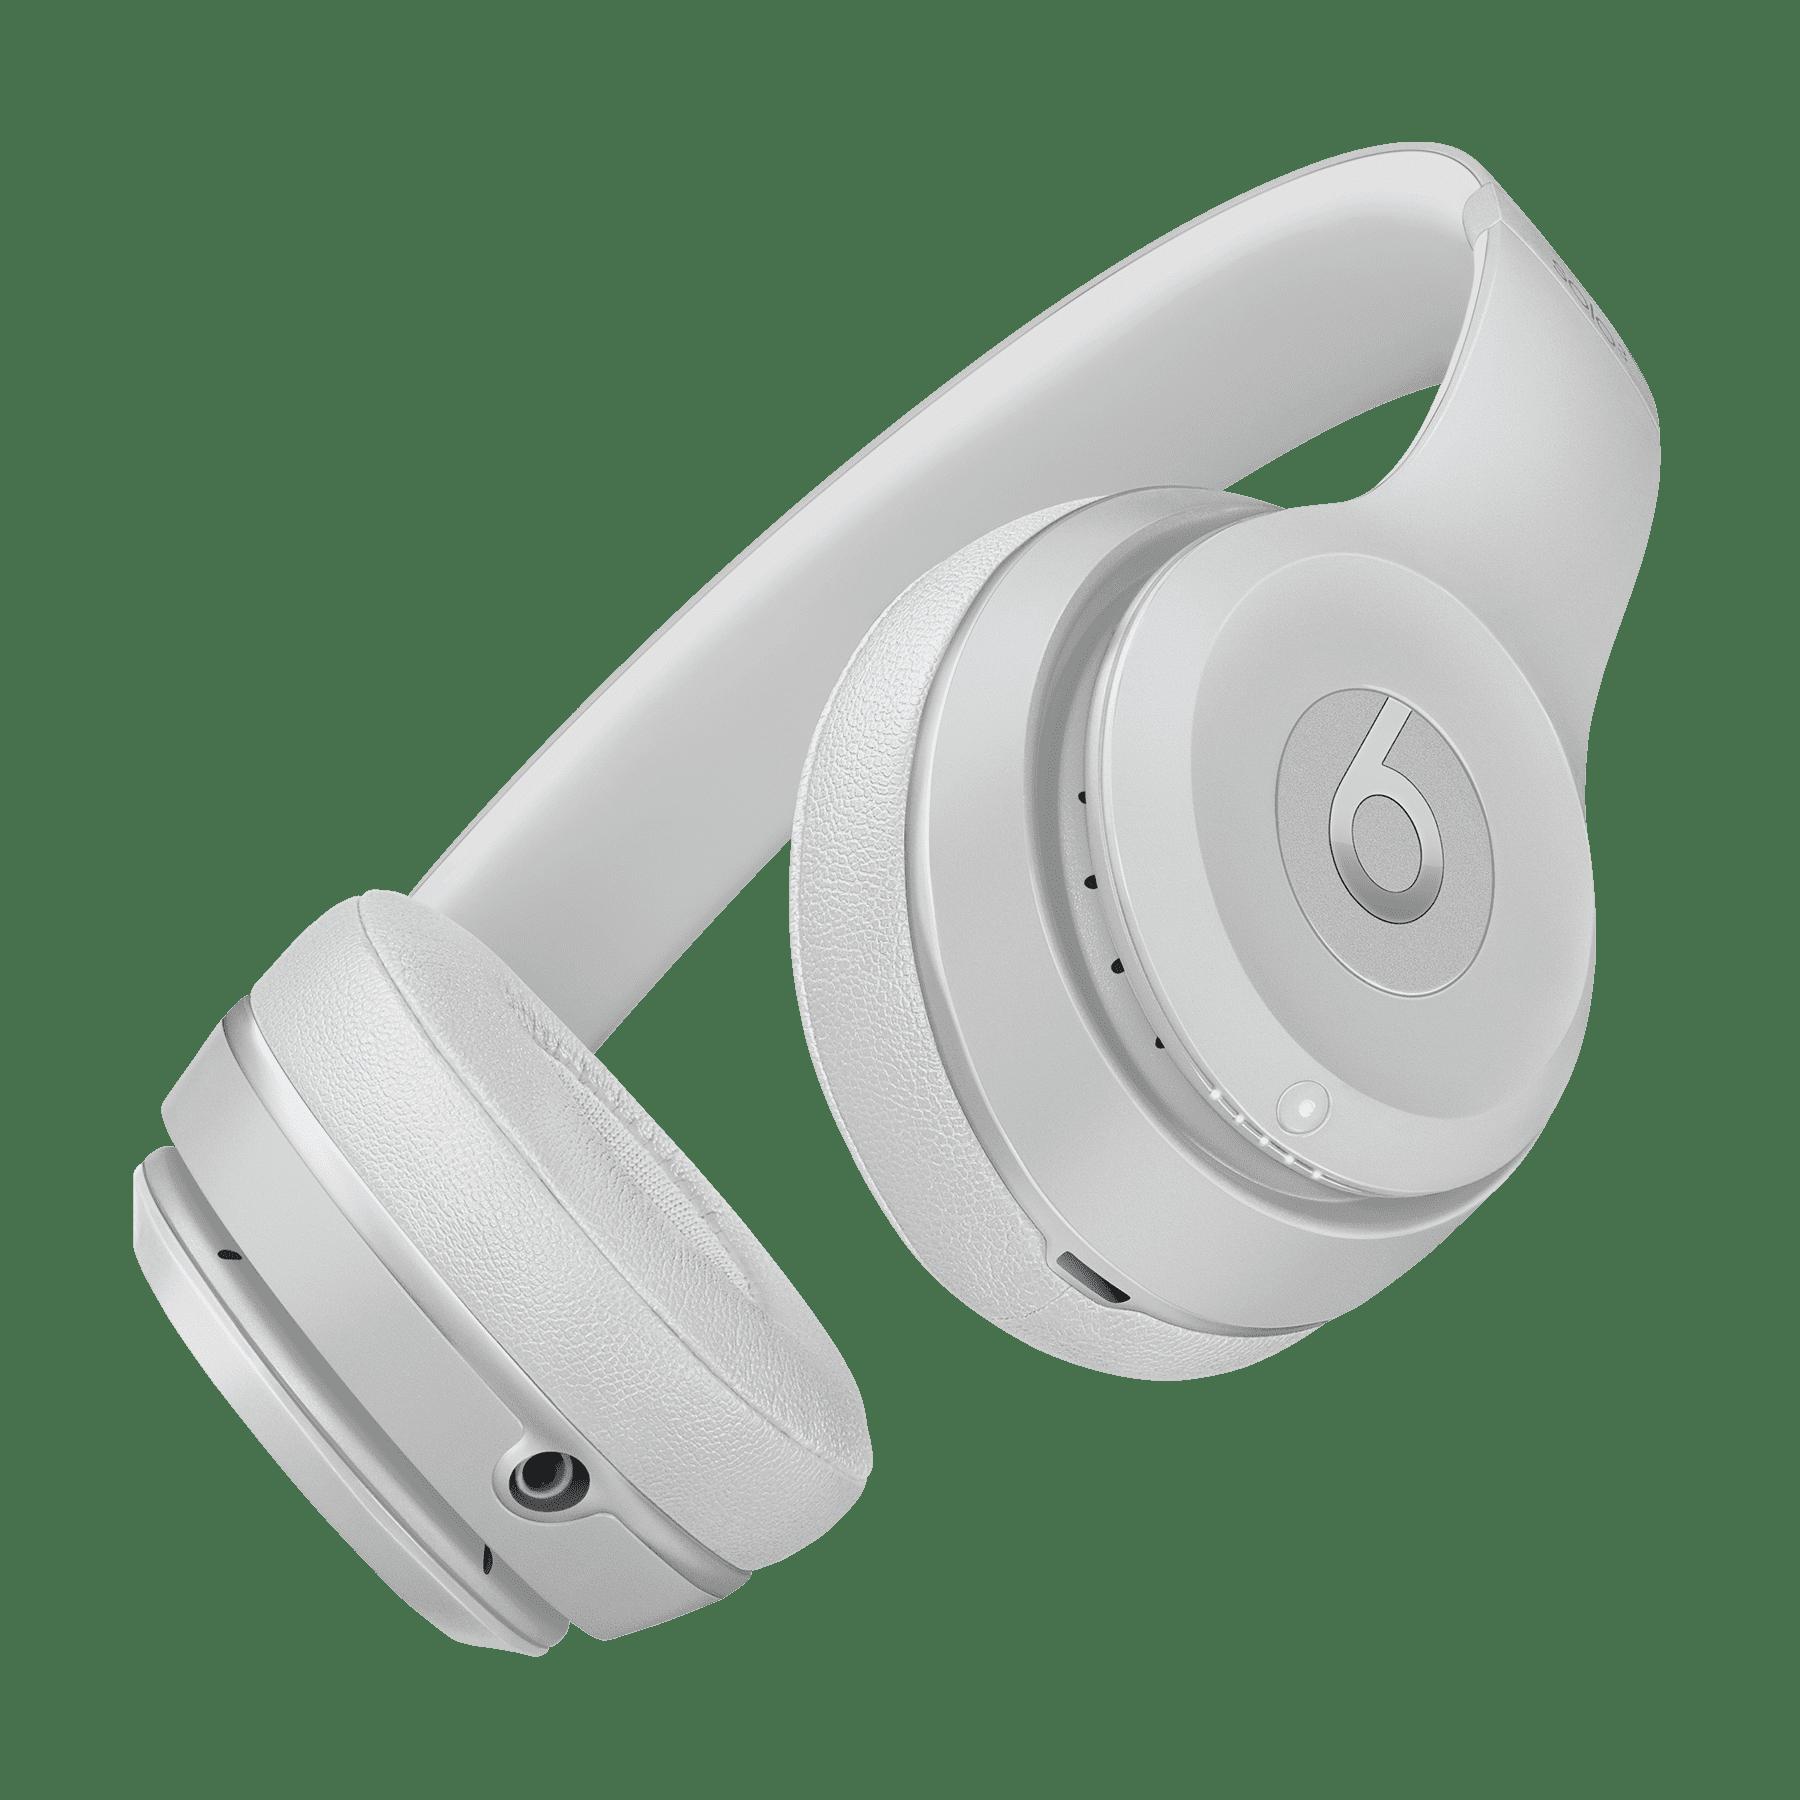 Beats Solo3 Wireless - Beats by Dre 848ded796